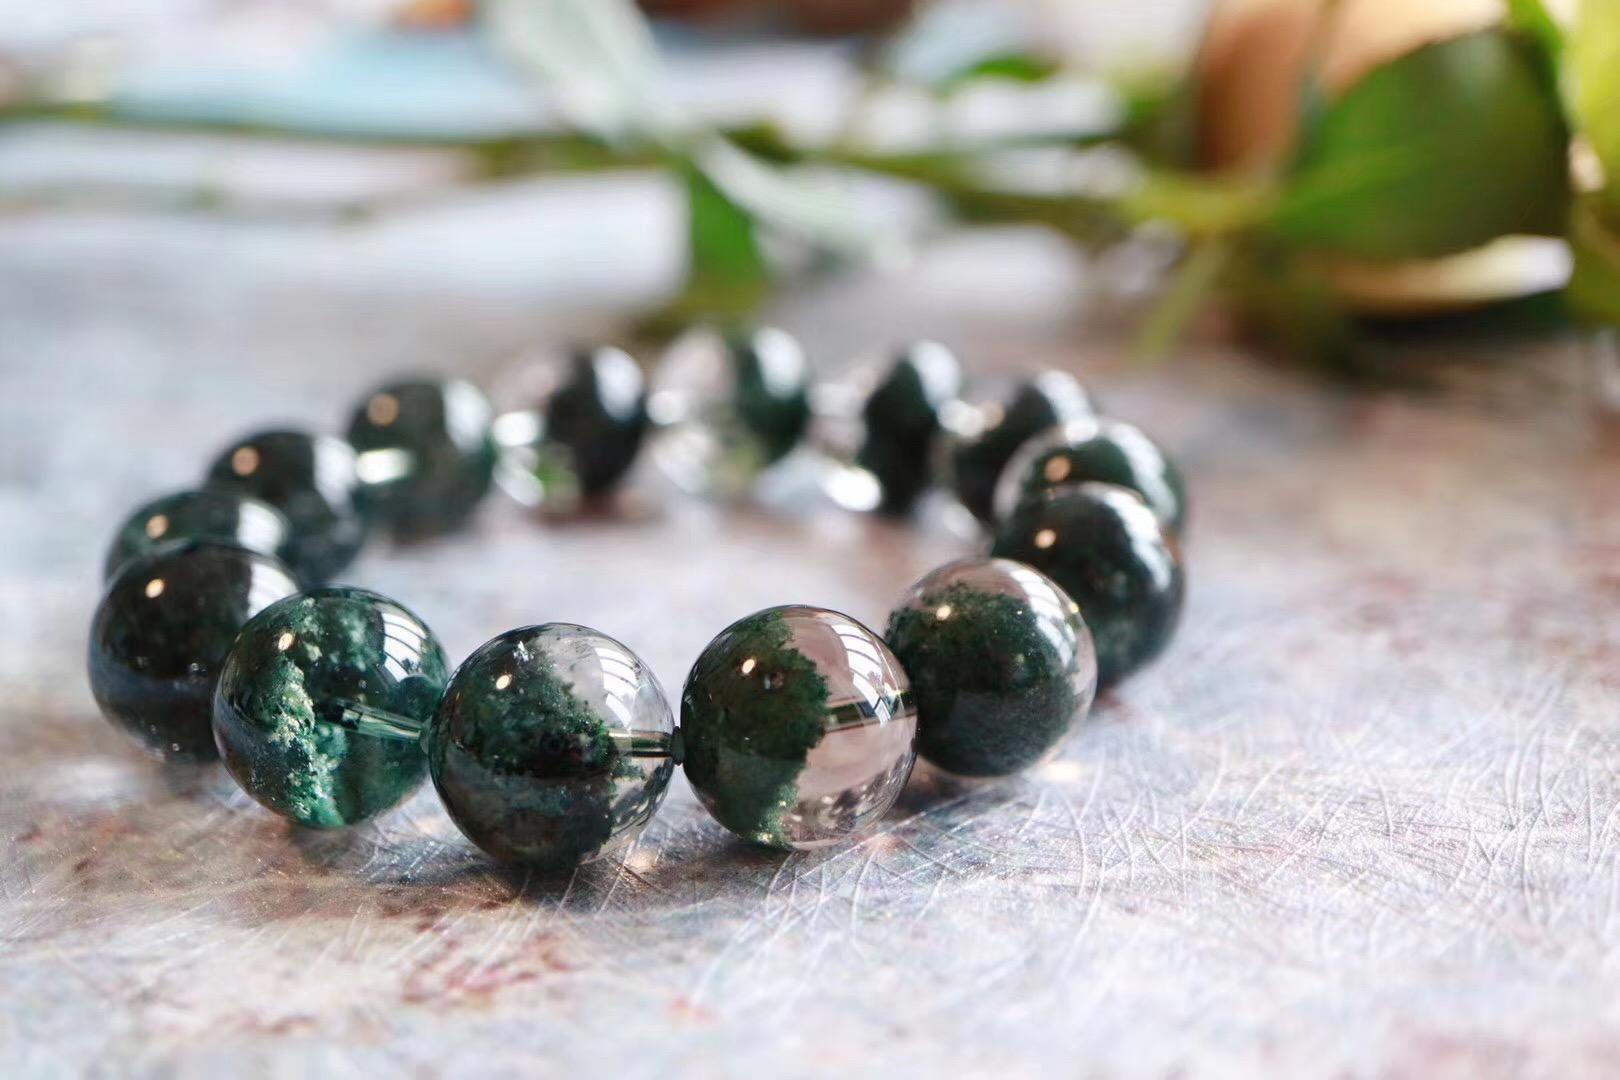 【绿幽灵】助事业的心轮晶石,可疗愈心脏和肝-菩心晶舍